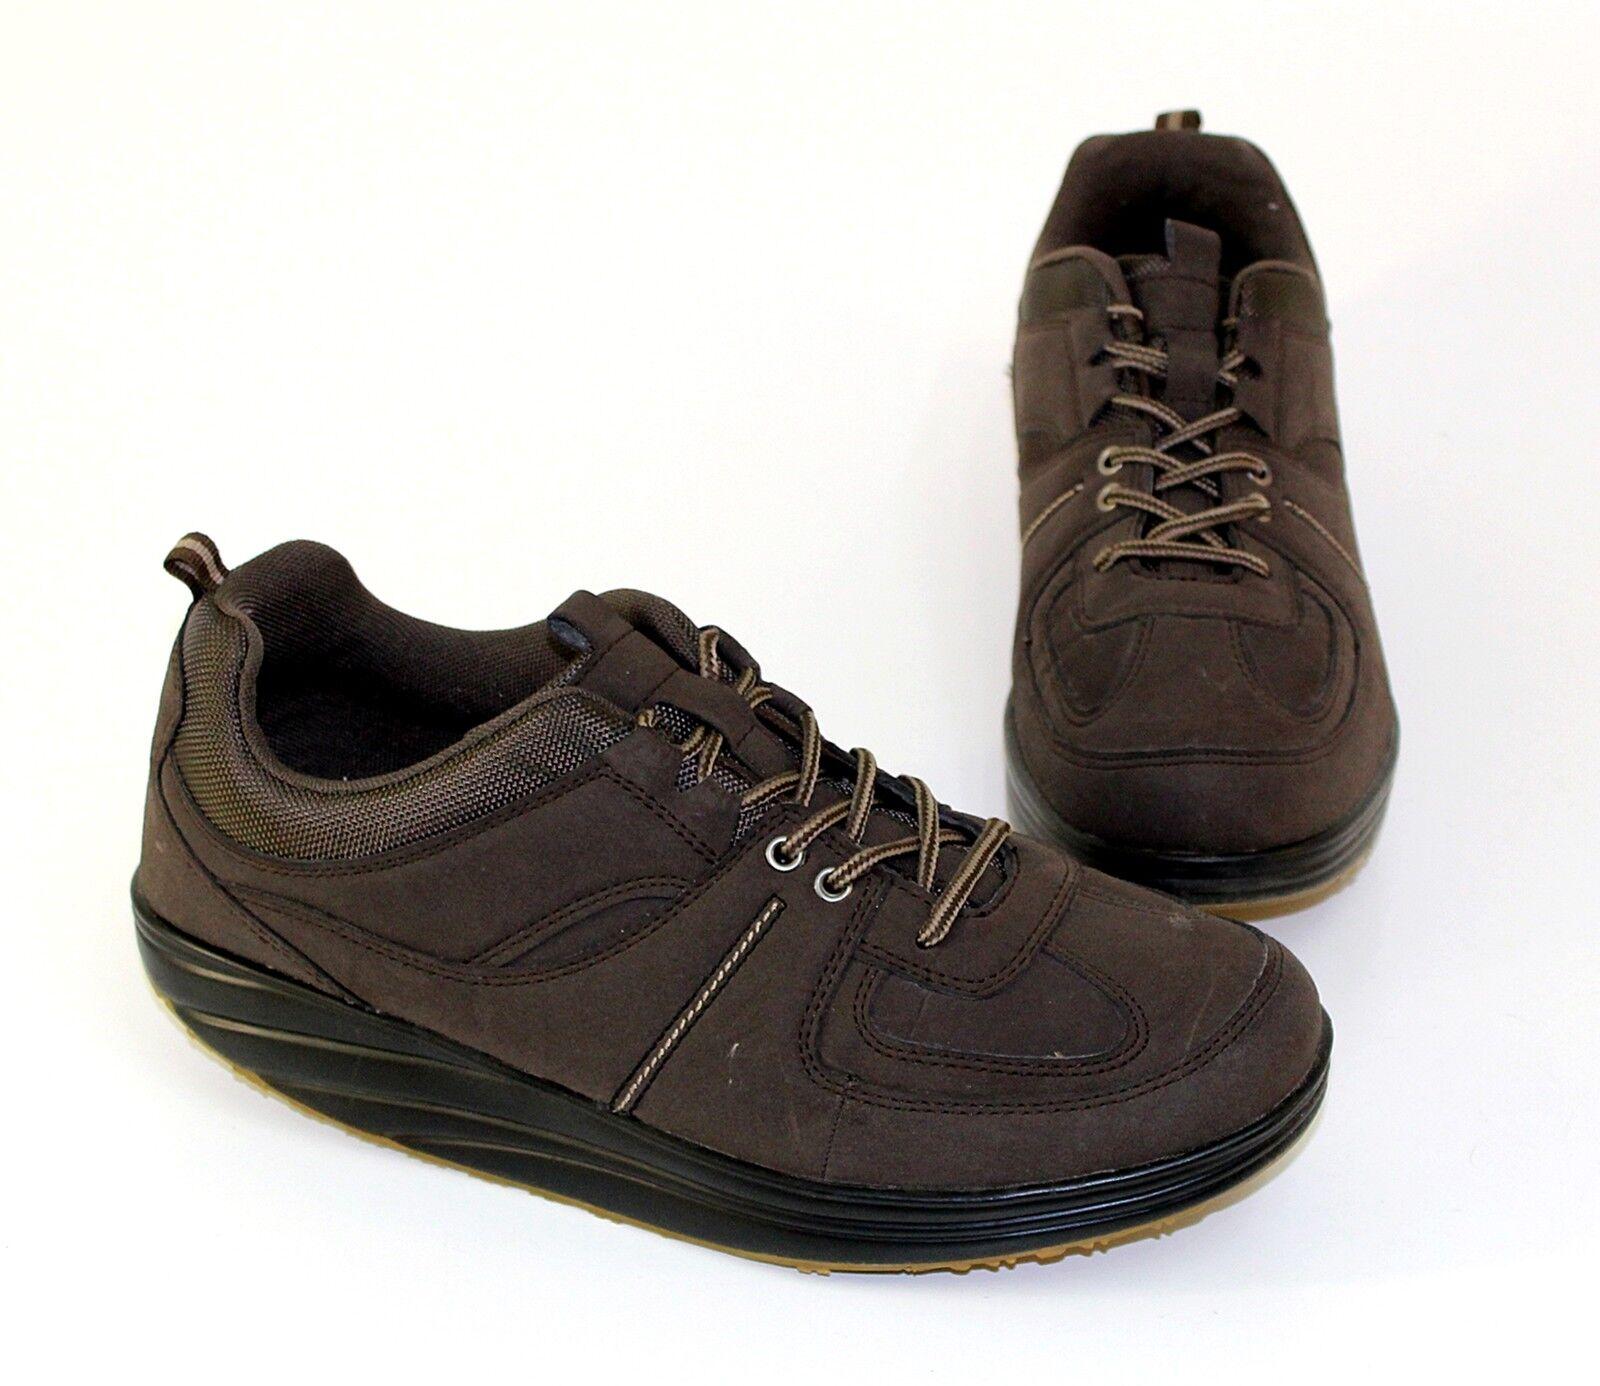 Schnürer Propedo Comfort Training Bodyliner Kunstleder brown  Gr. 44